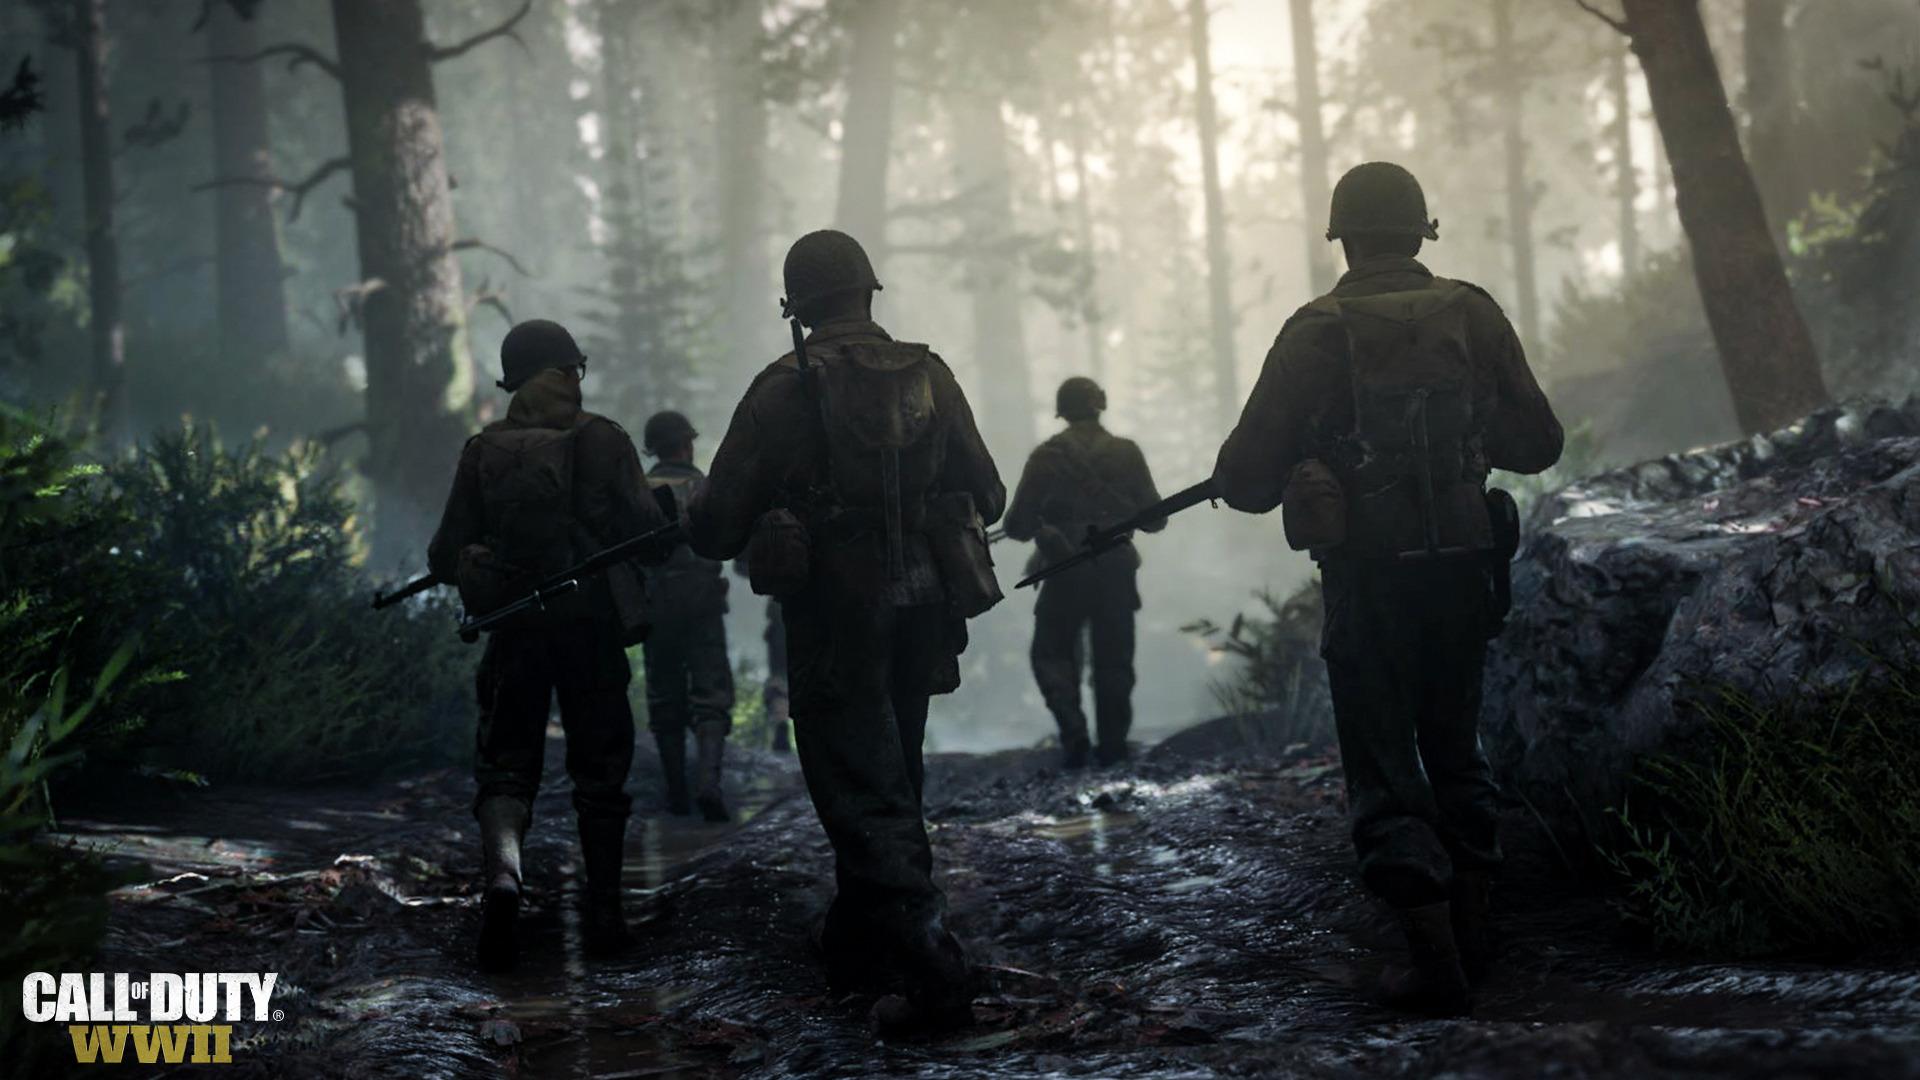 فروش Call Of Duty: WWII نسبت به Infinite Warfare حدود 60 درصد بیشتر خواهد بود